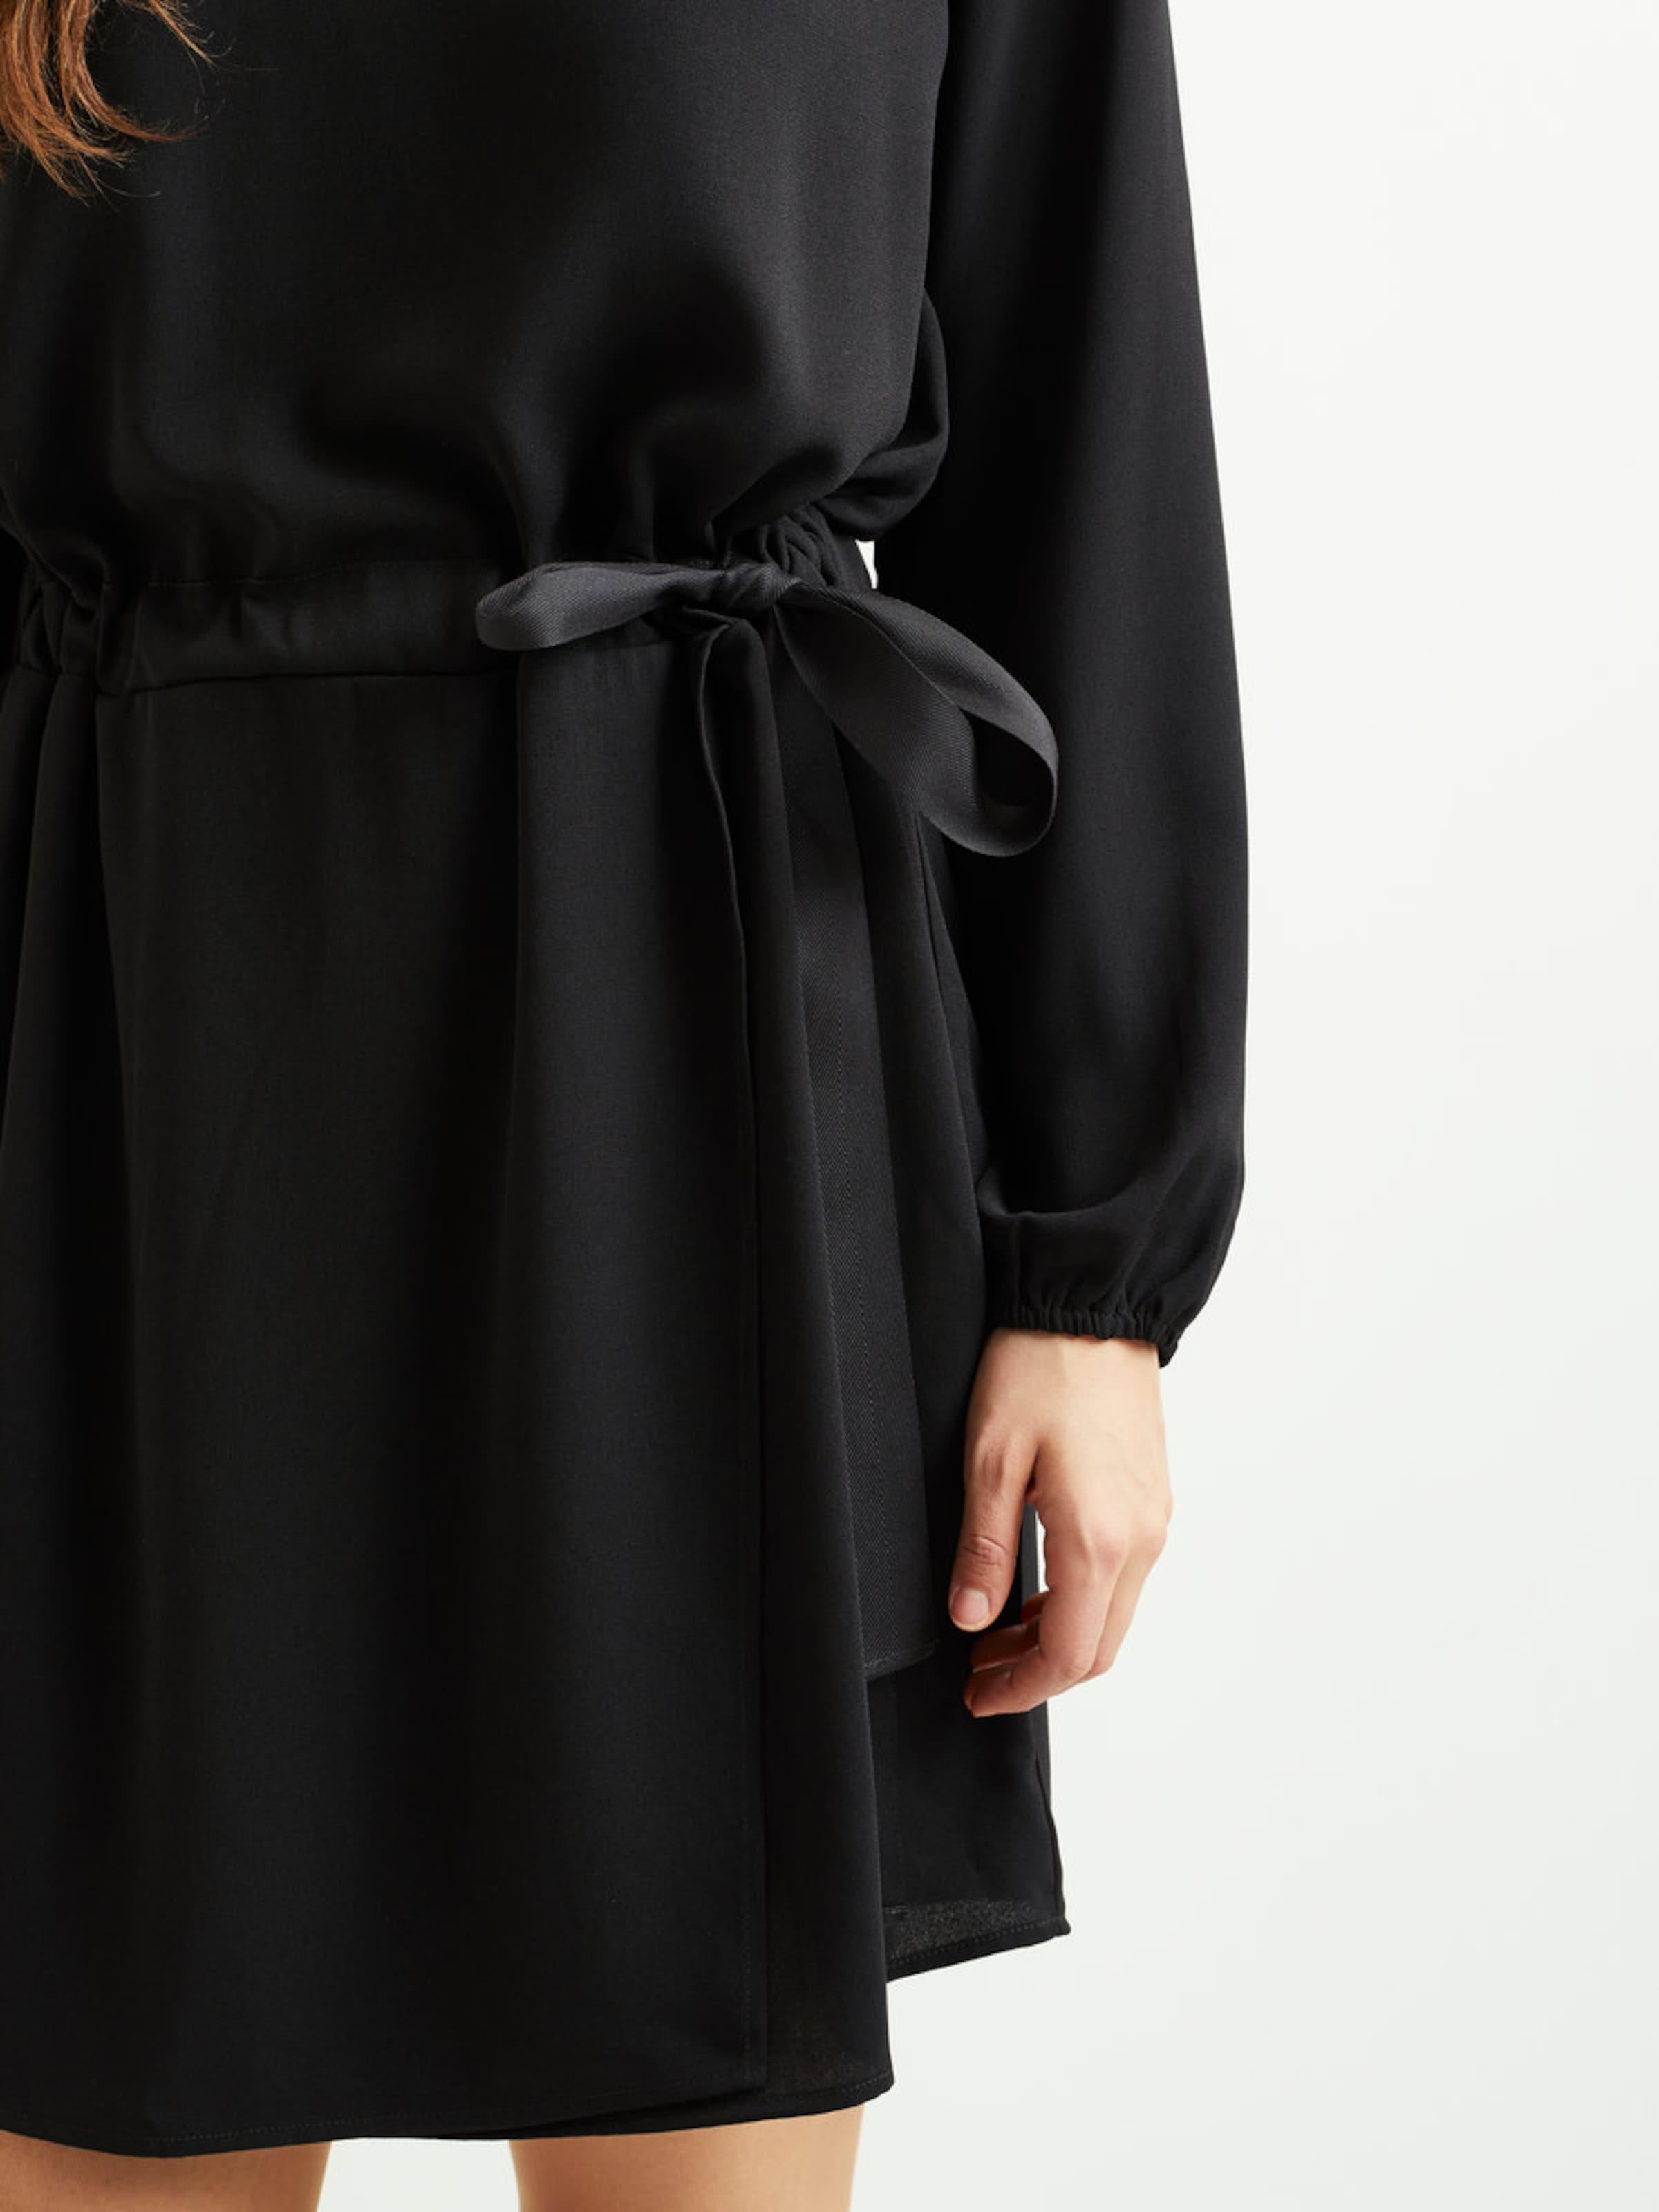 Verkauf 2018 Neue Verkauf Brandneue Unisex VILA Minikleid 'VISARINA' Steckdose Zahlen Mit Paypal Finden Große Zum Verkauf rNFECky